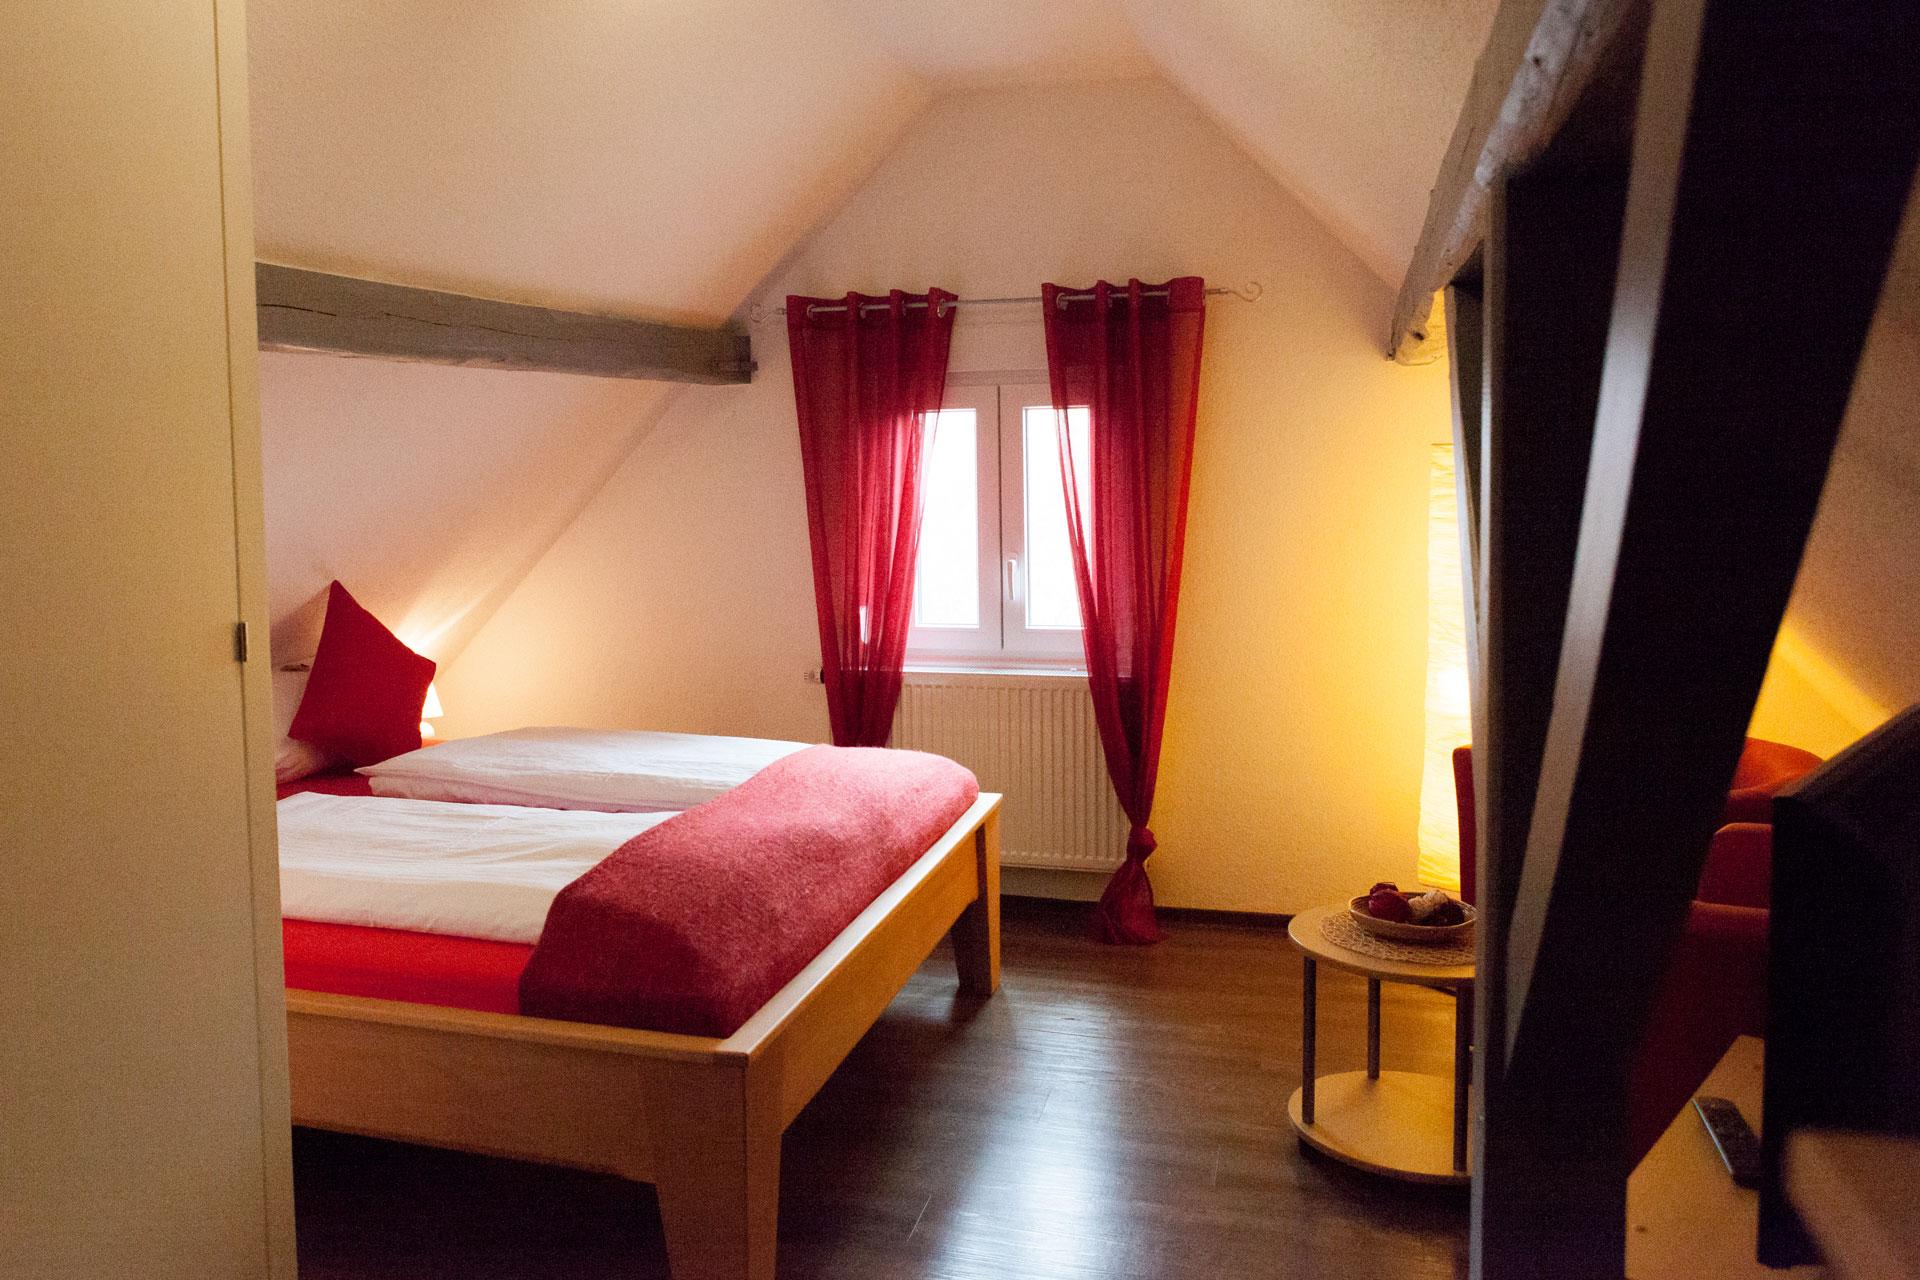 Weingut_Schmahl_Ilbesheim_Wein-Gästehaus-9210